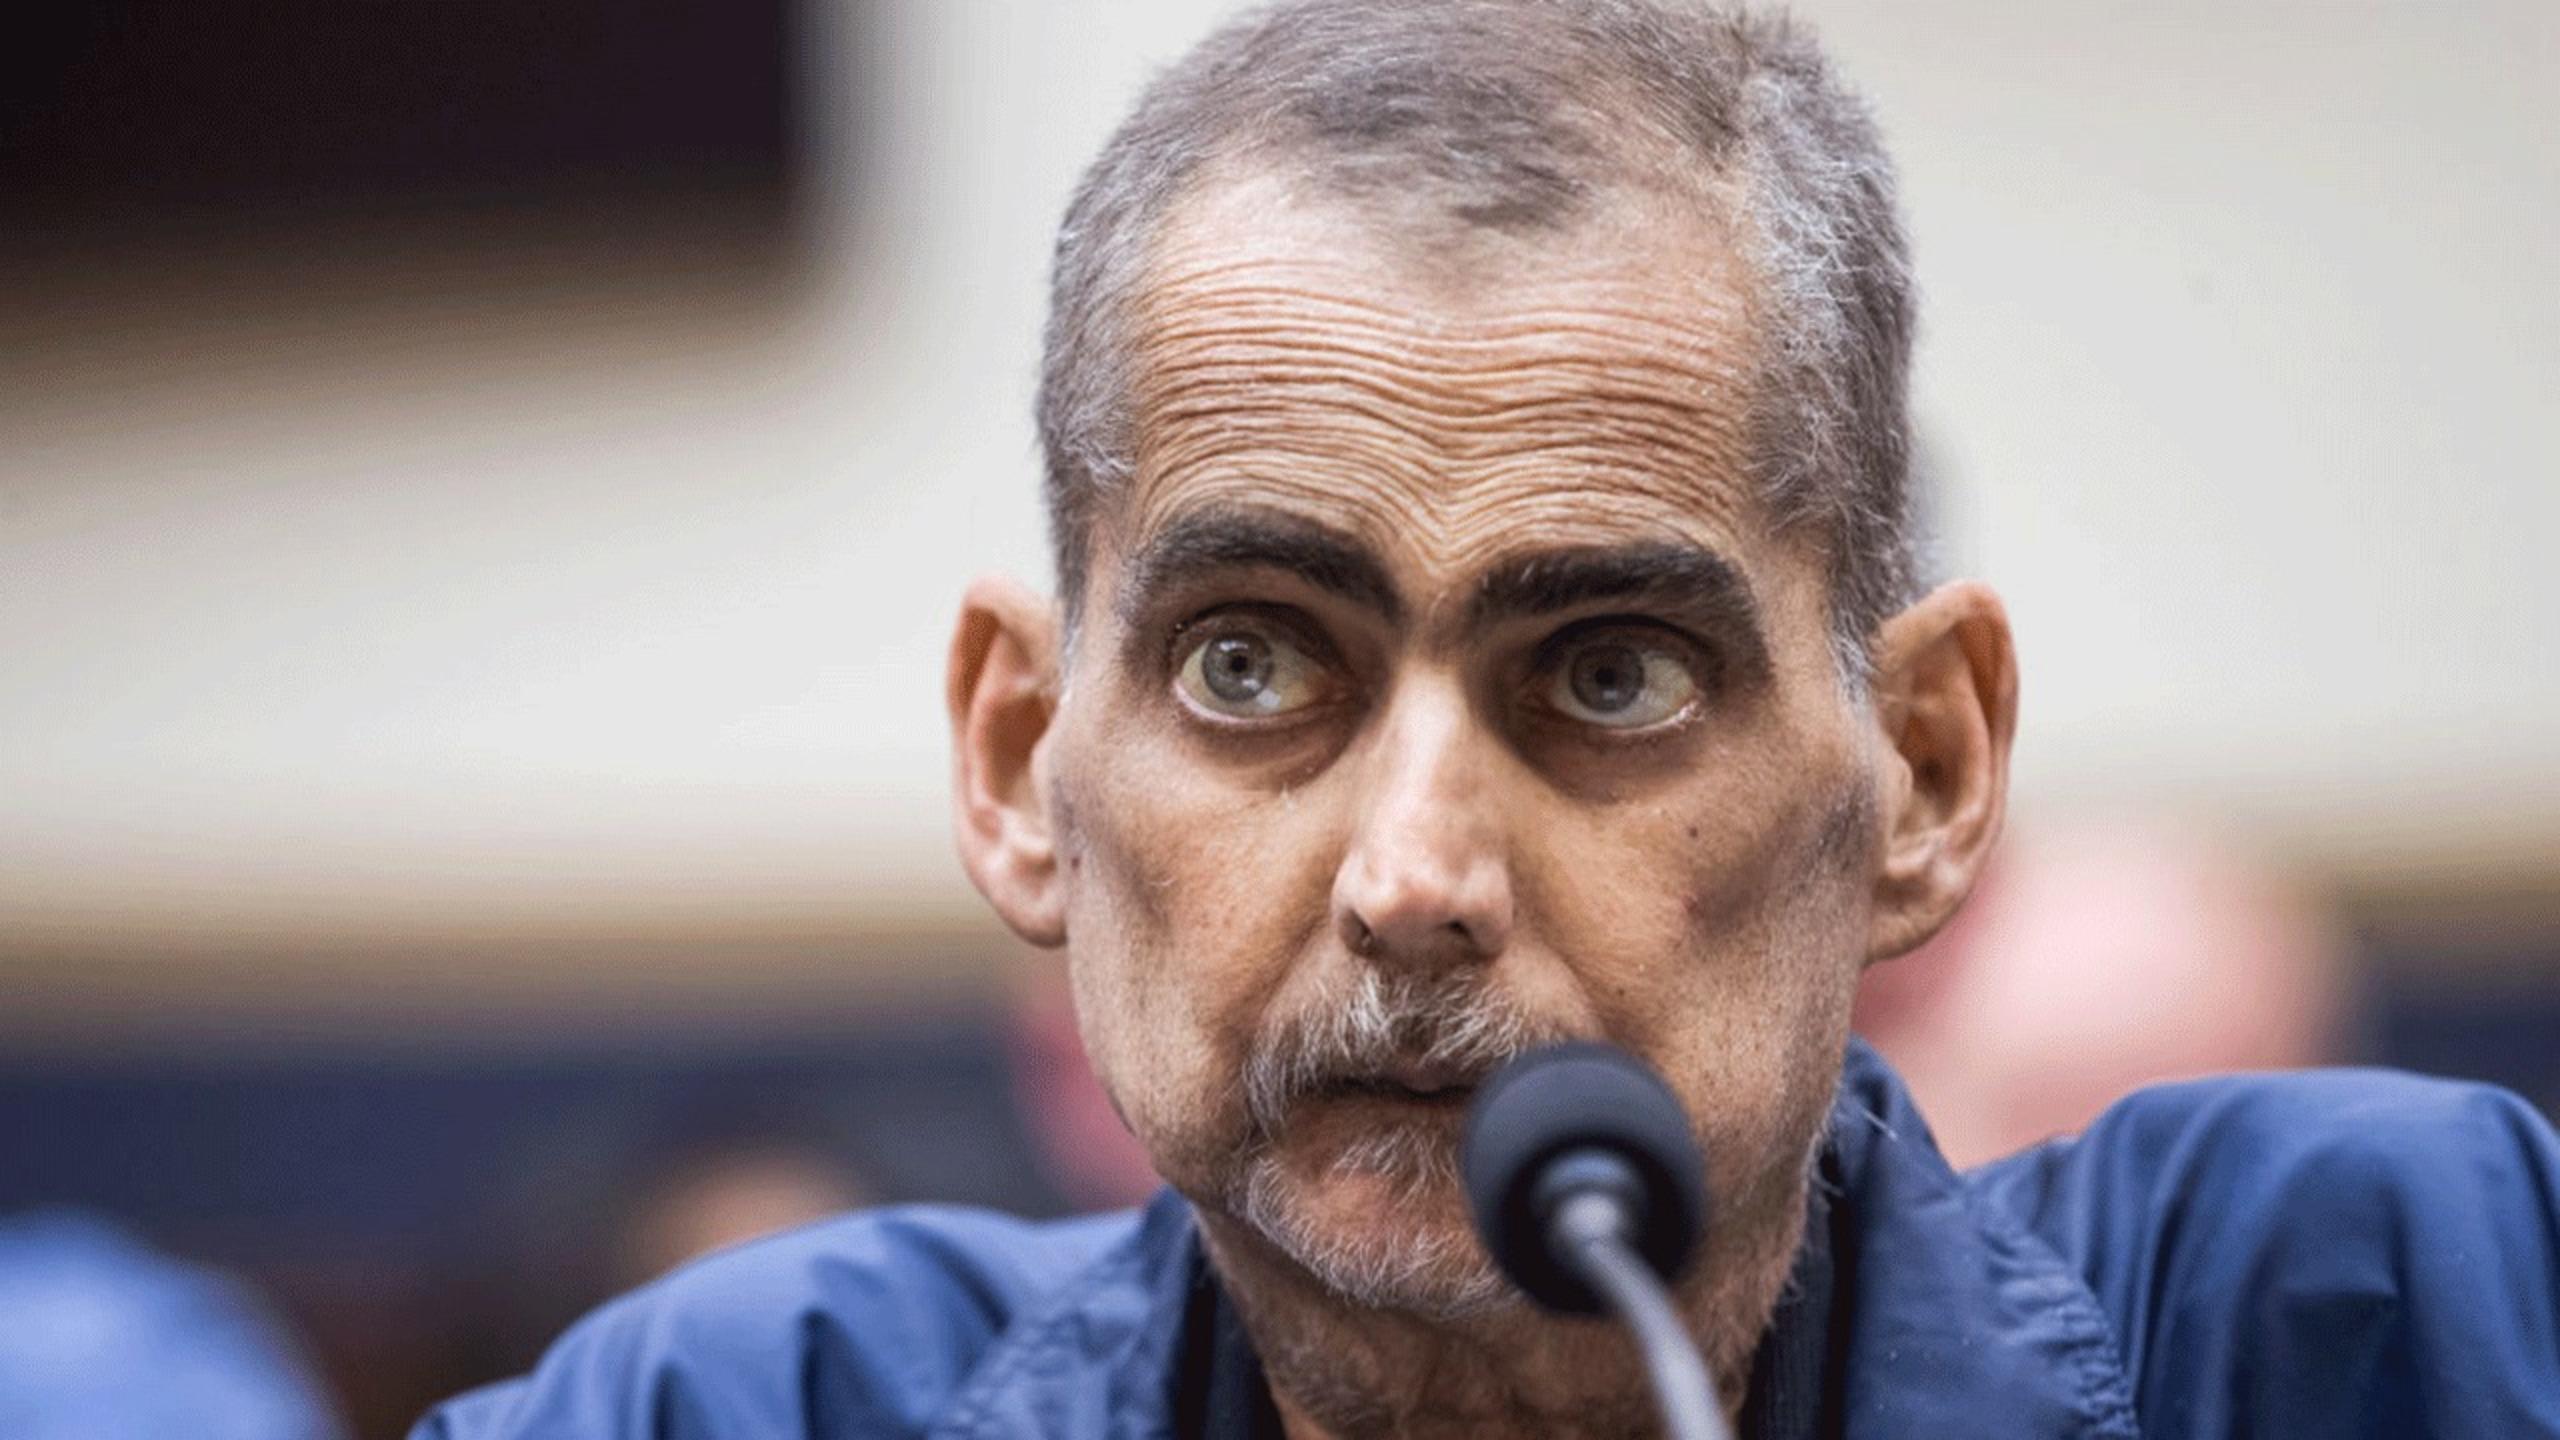 9/11 worker who testified with Jon Stewart in hospice